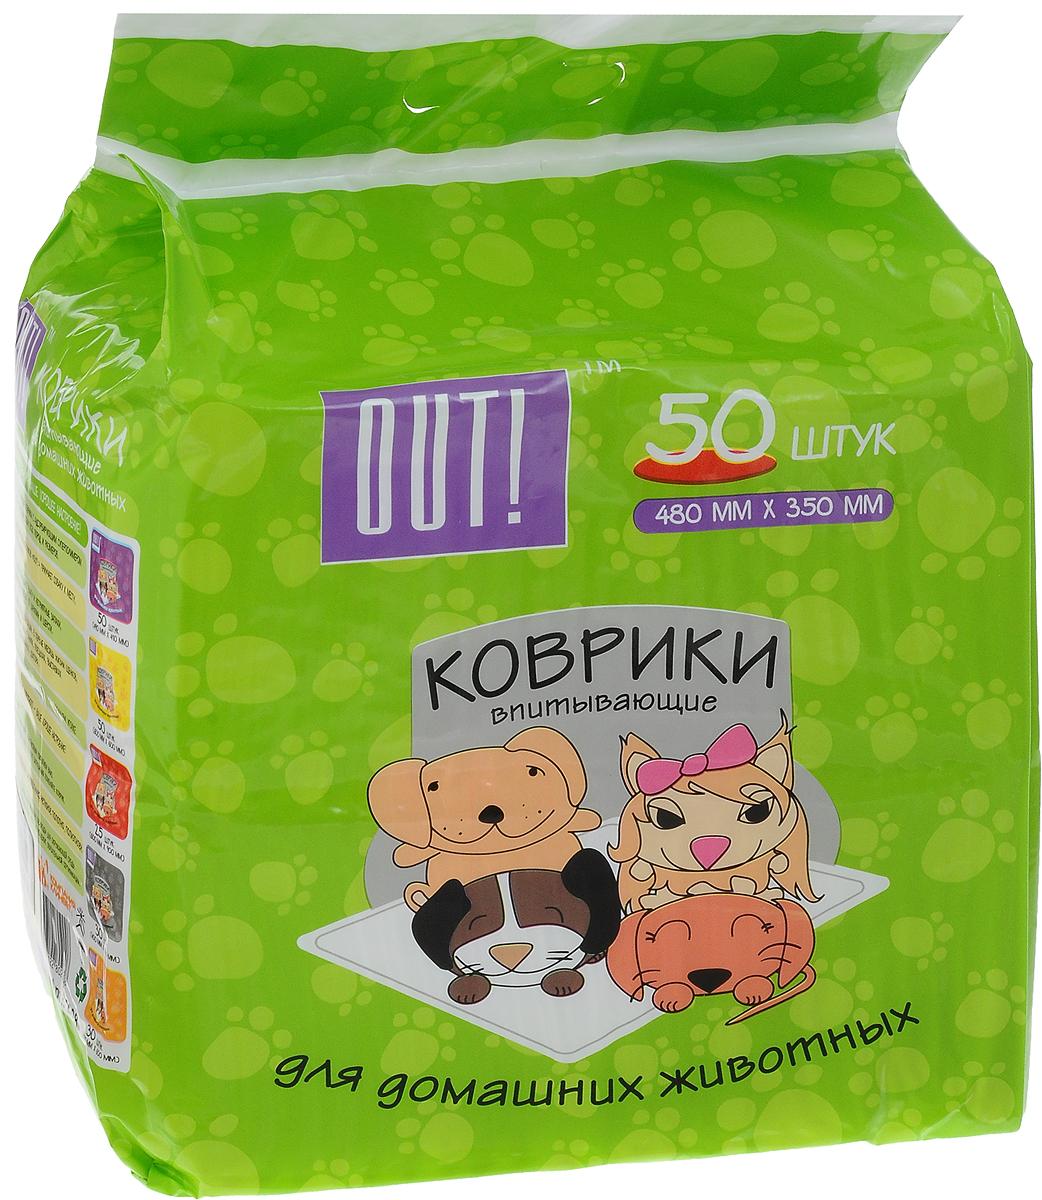 Коврики для домашних животных OUT!, впитывающие, 35 х 48 см, 50 шт5900232786008Впитывающие коврики OUT! предназначены для собак и кошек всех пород и всех размеров. Коврики имеют слой адсорбирующего суперполимера, превосходно впитывающего влагу и поглощающего неприятные запахи. Обработка впитывающих ковриков OUT! специальным составом привлекает животных, облегчая таким образом процесс приучения собаки к пользованию туалетом.Использование: впитывающие коврики незаменимы в период лактации, в первые месяцы жизни щенков и котят, при специфических заболеваниях, поездках, выставках и на приеме у ветеринарного врача. Коврик можно применять в качестве чистого пола в собачьем уголке. Коврики удобно применять в туалетных лотках.Состав: целлюлоза, впитывающий суперполимер, нетканое полотно, полиэтилен.